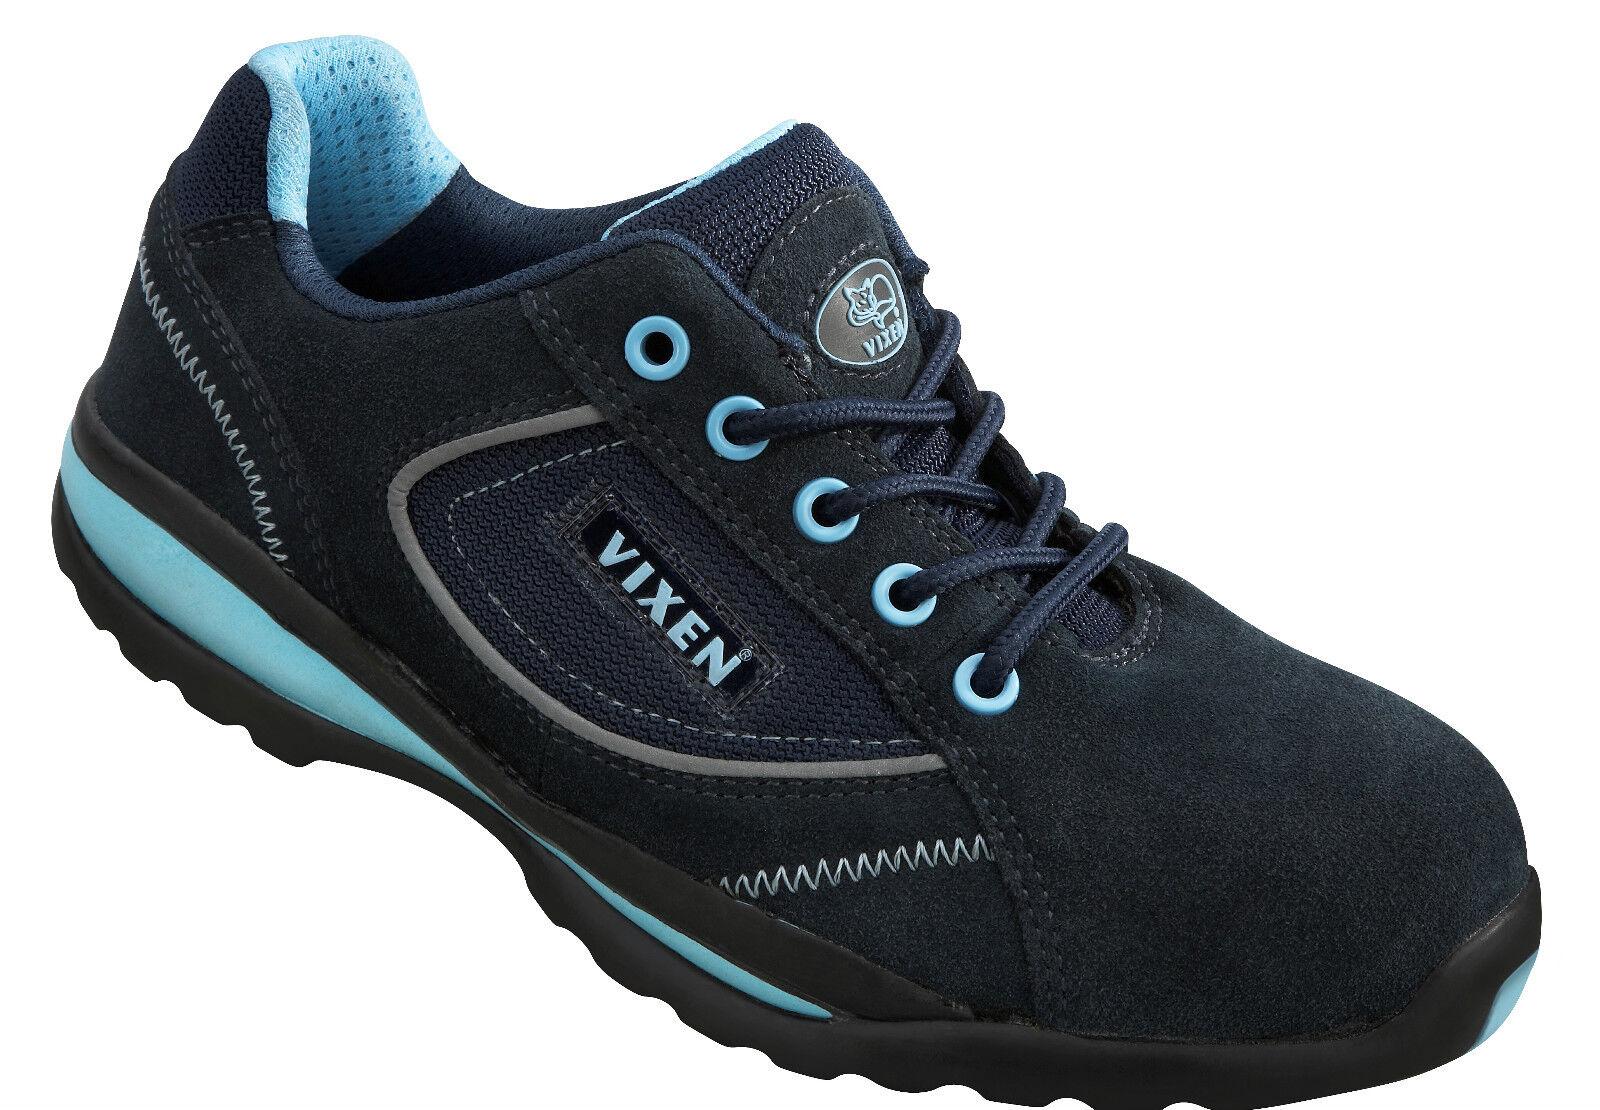 Vixen VX700 Pearl S1P Ladies Dark bleu ESD Composite Toe Cap Safety Trainers PPE